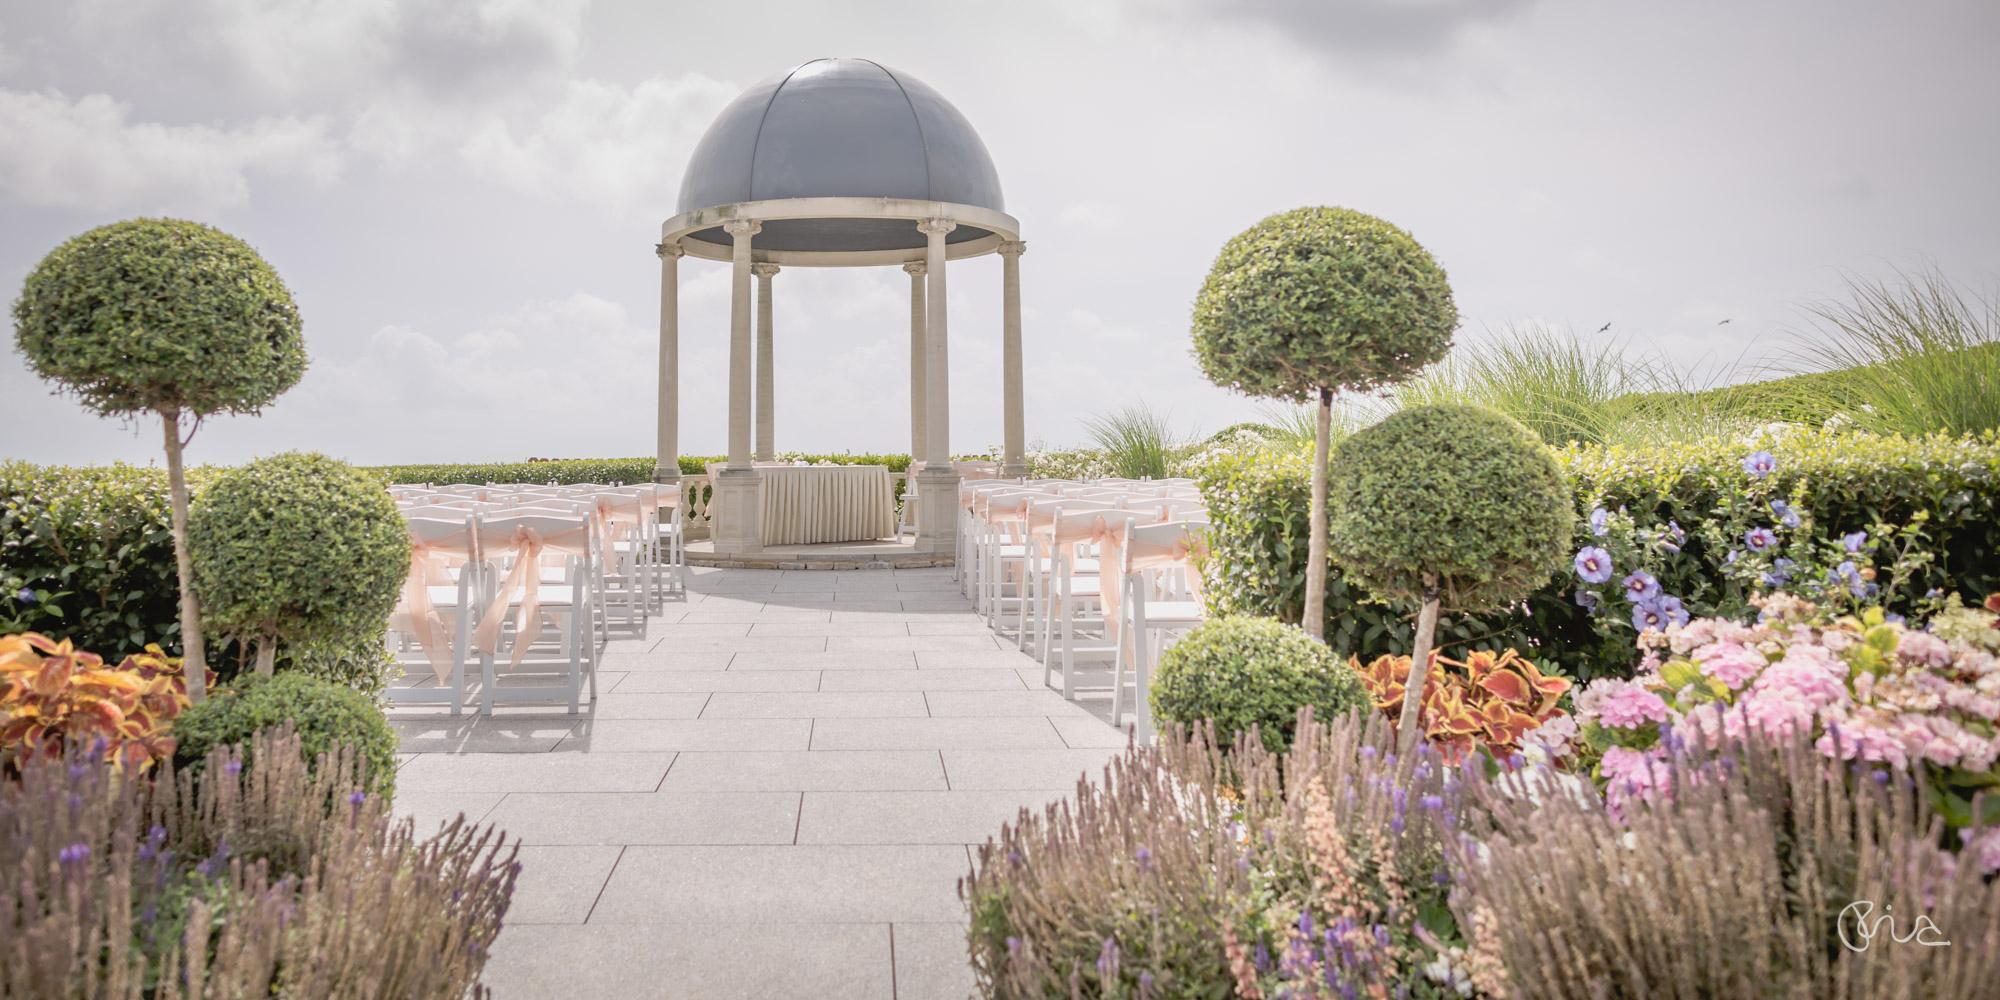 Hydro Hotel wedding venue